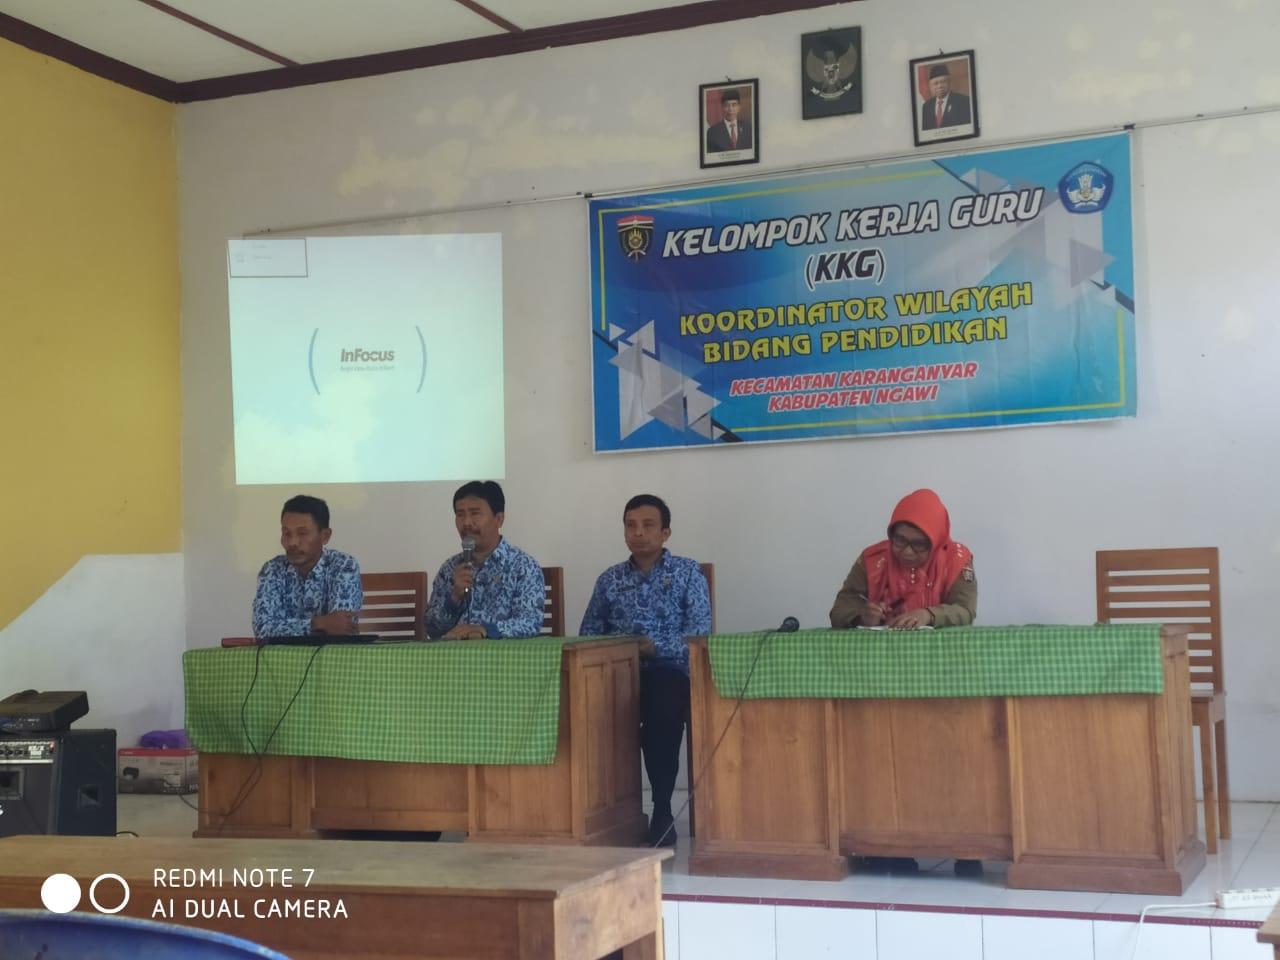 Kisi-kisi Penulisan Soal Ujian Satuan Pendidikan Berbasis Komputer Sekolah Dasar Kabupaten Ngawi Tahun 2019/2020 (Pengganti USBN SD/MI)